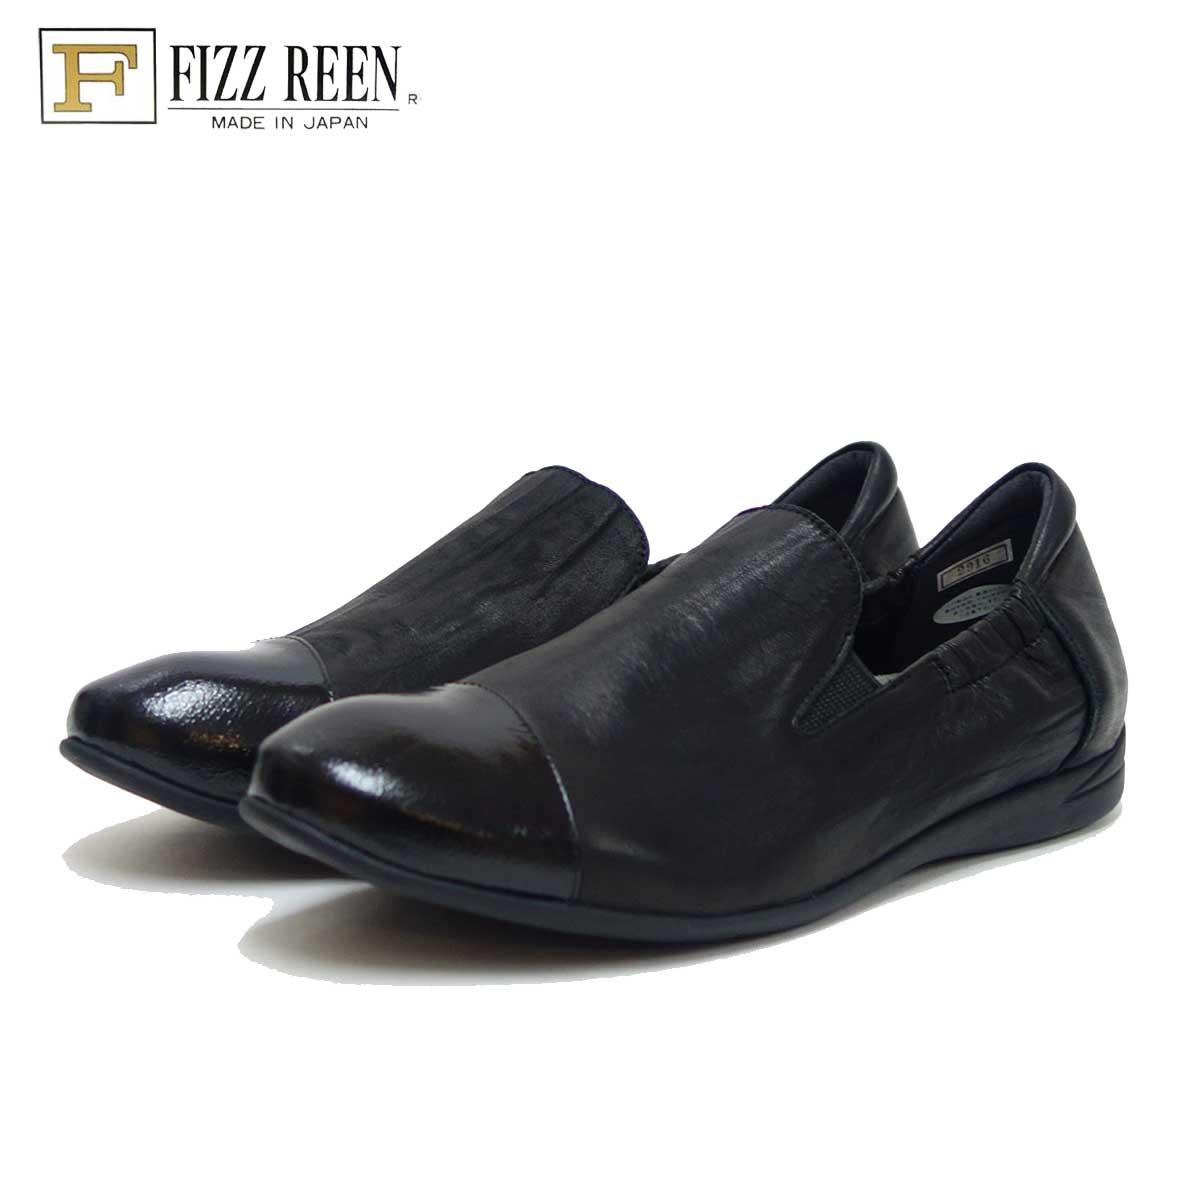 フィズリーン FIZZ REEN 2916 ブラック(レディース) 快適EEEの甲深フラットシューズ(日本製)「靴」